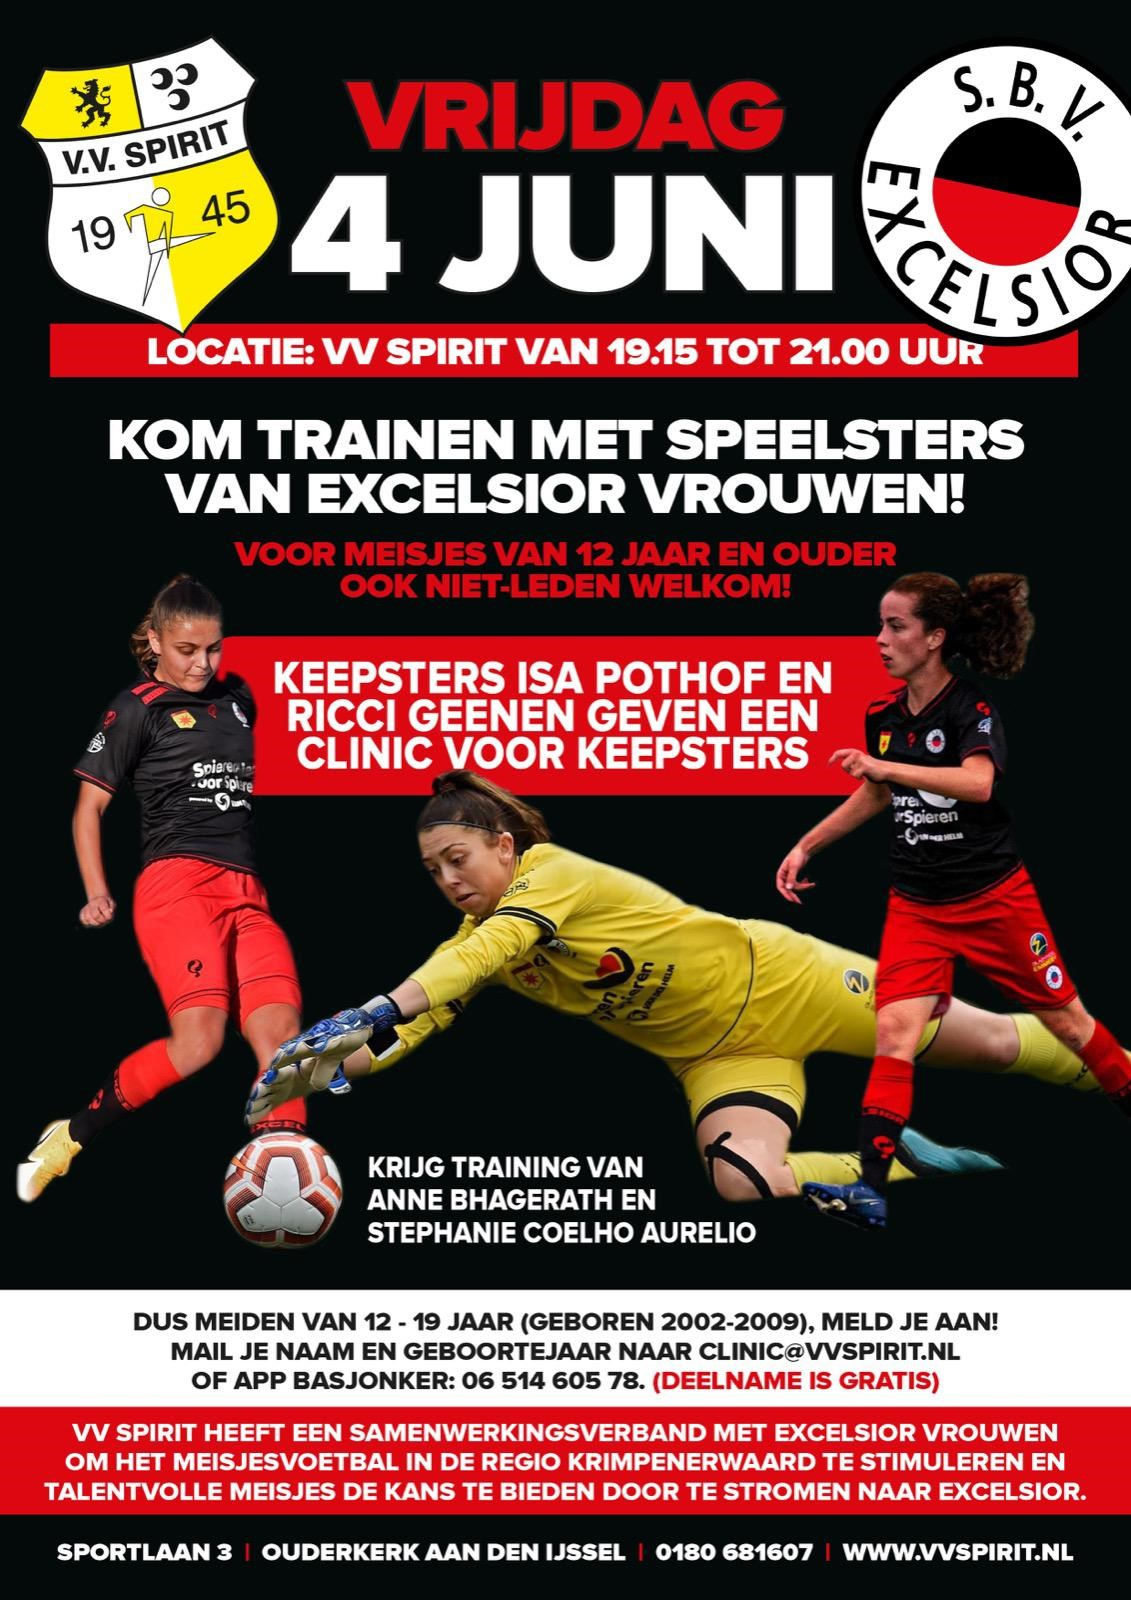 Krijg training van Excelsior speelsters op 4 juni